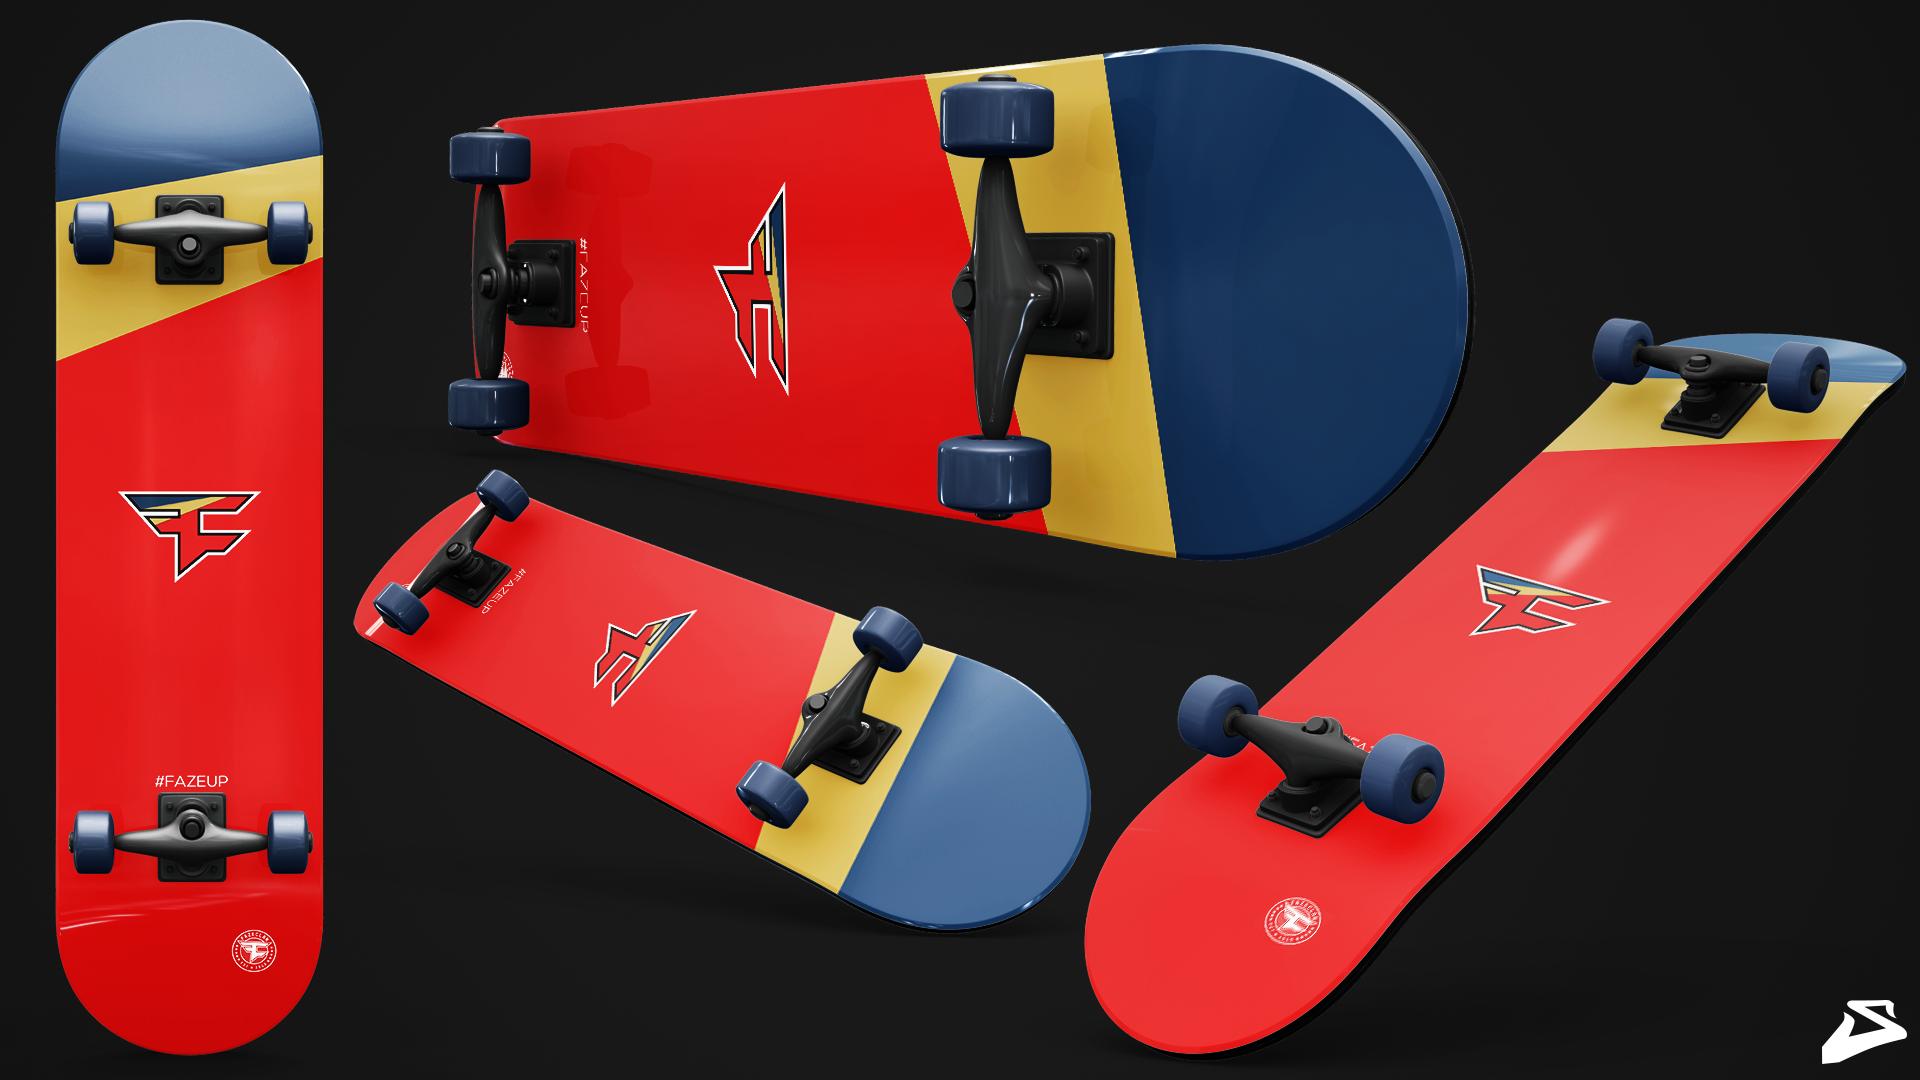 FAZE Skate